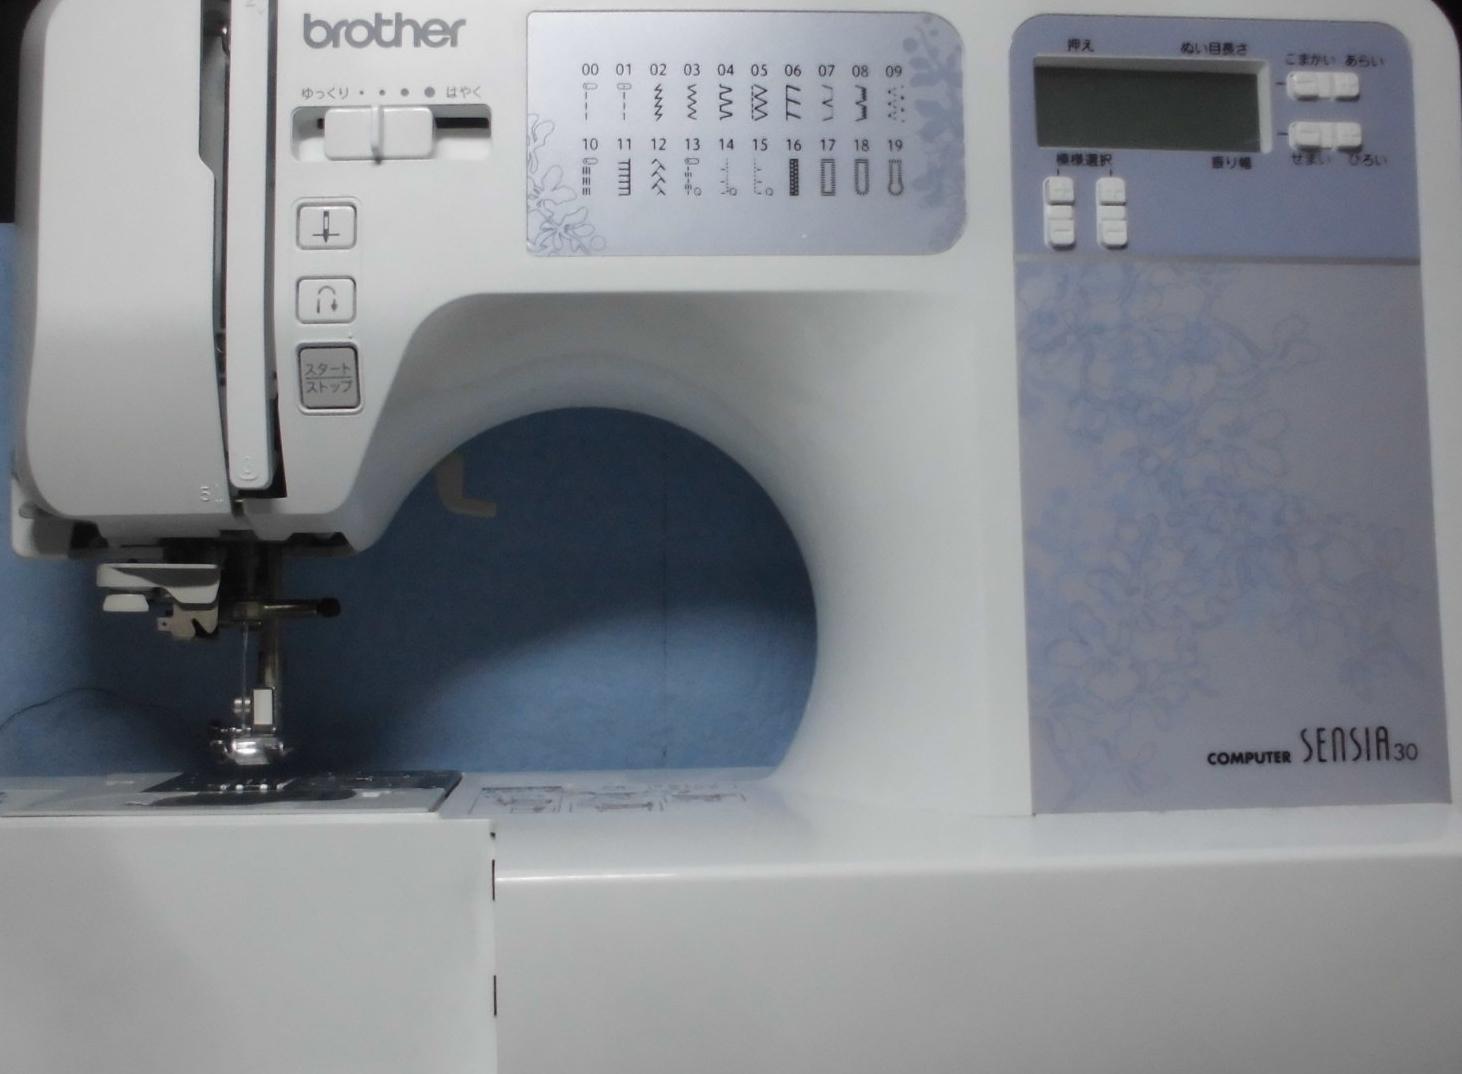 ブラザーミシン修理|CPV75・SENSIA30|糸調子不良、自動糸通しが使えない、綺麗に縫えない